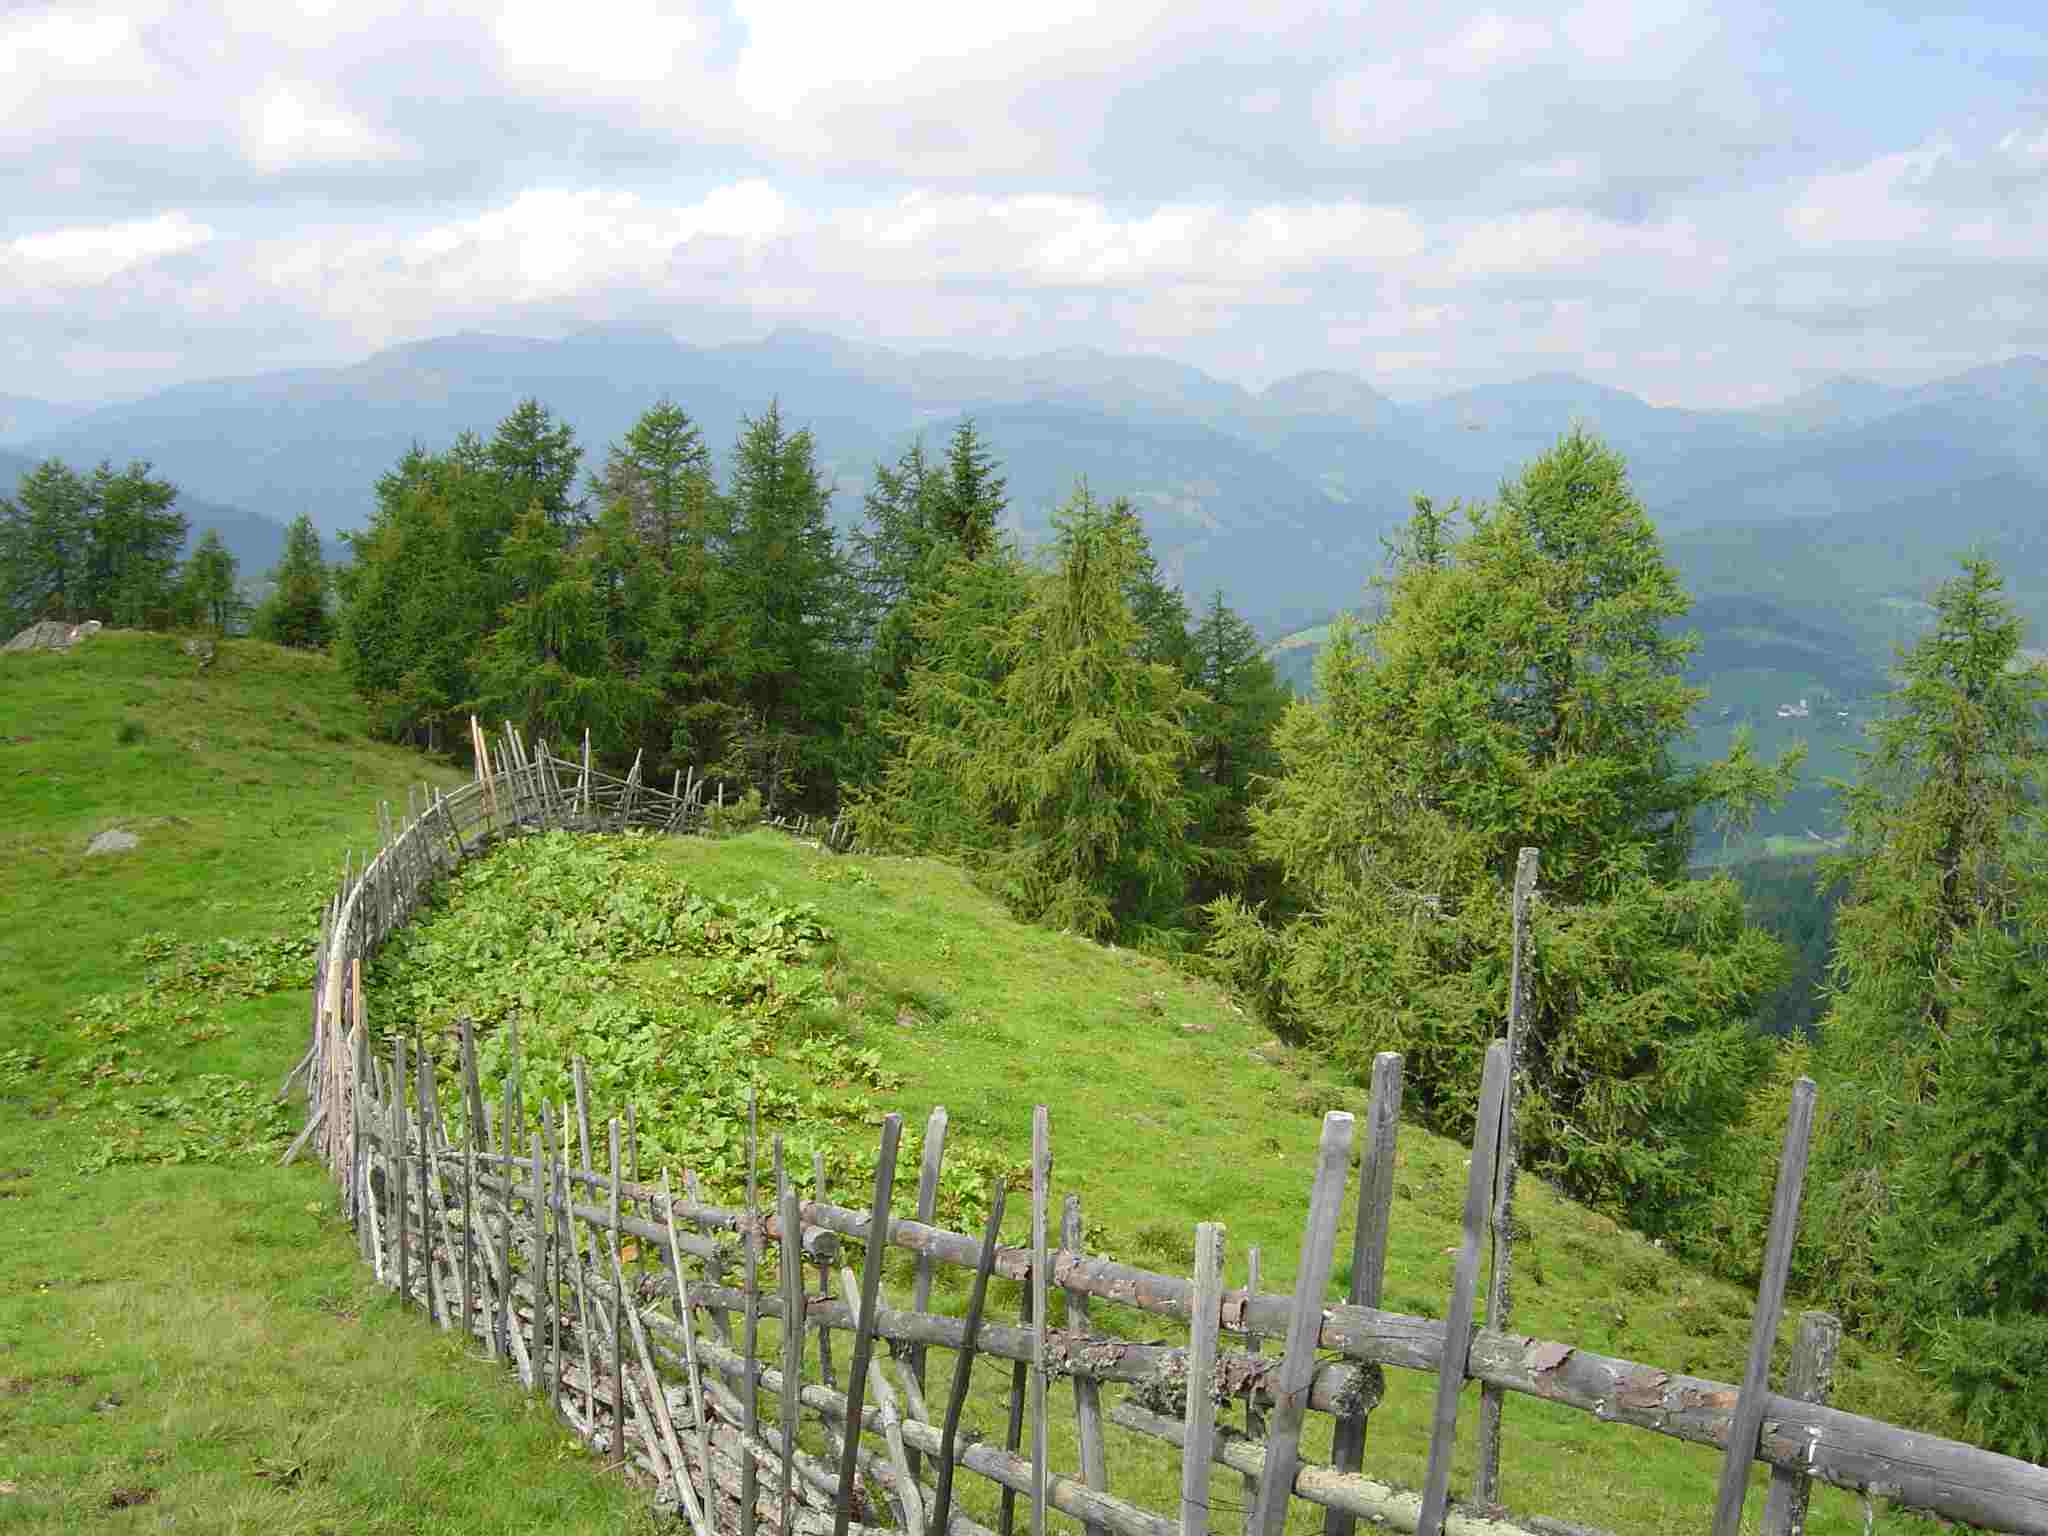 Foto: Manfred Karl / Wandertour / Kruckenspitze, 1886 m / Vom Gipfel hat man einen schönen Rundblick auf die Nockberge. / 03.05.2007 06:22:32